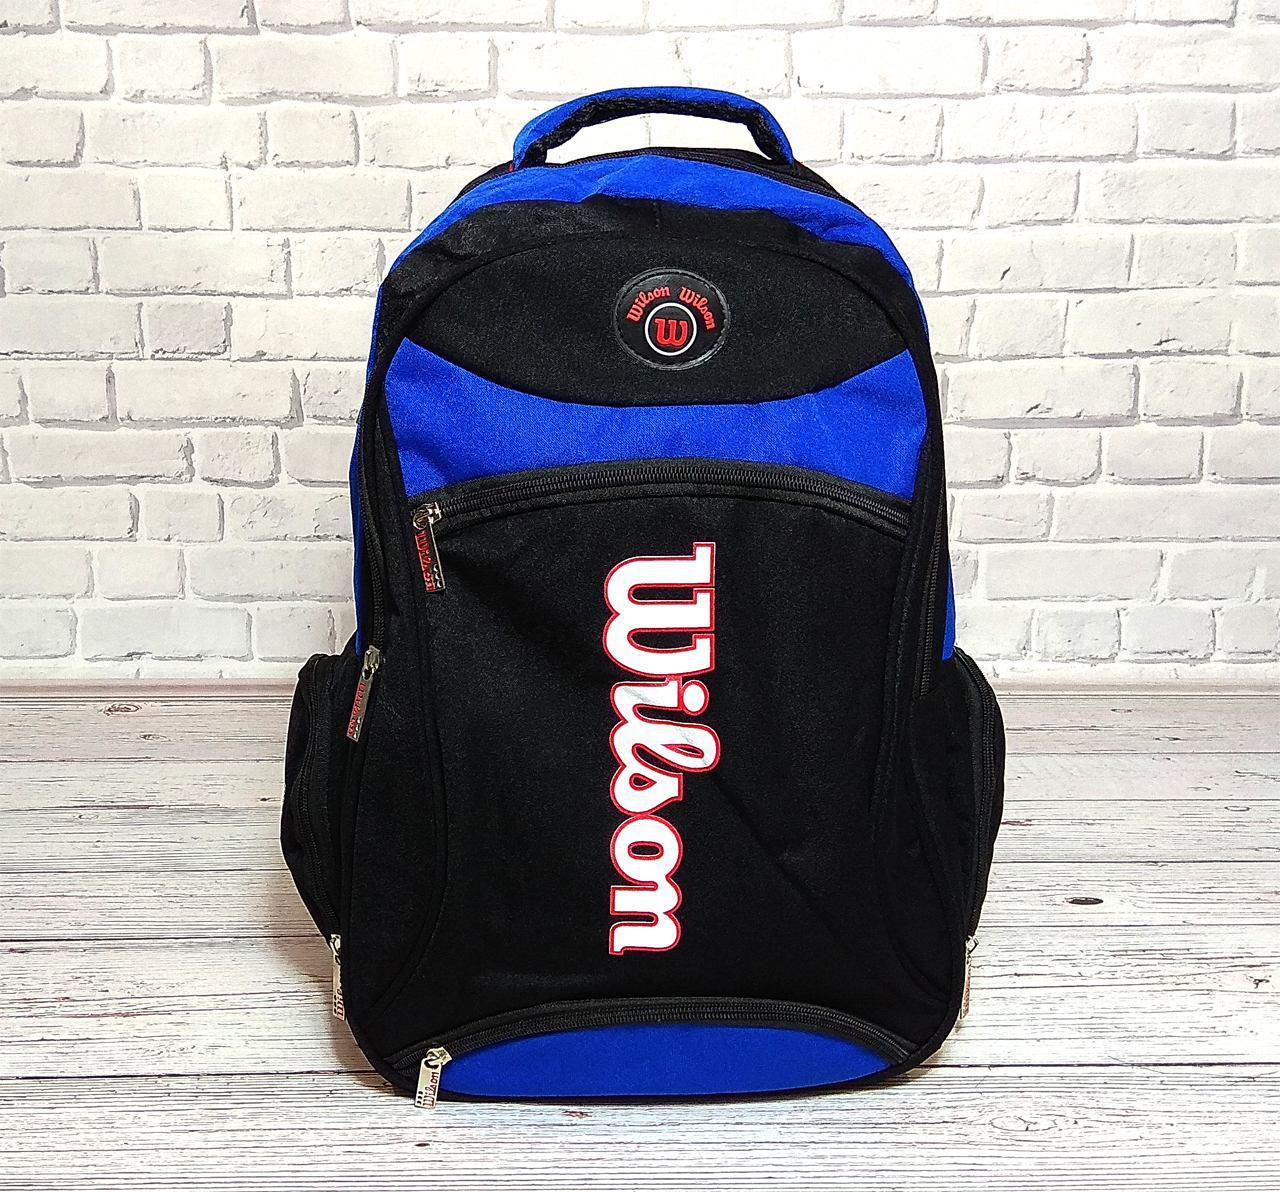 f78af53277bc Вместительный рюкзак Wilson для школы, спорта. Черный с синим. - Интернет  магазин